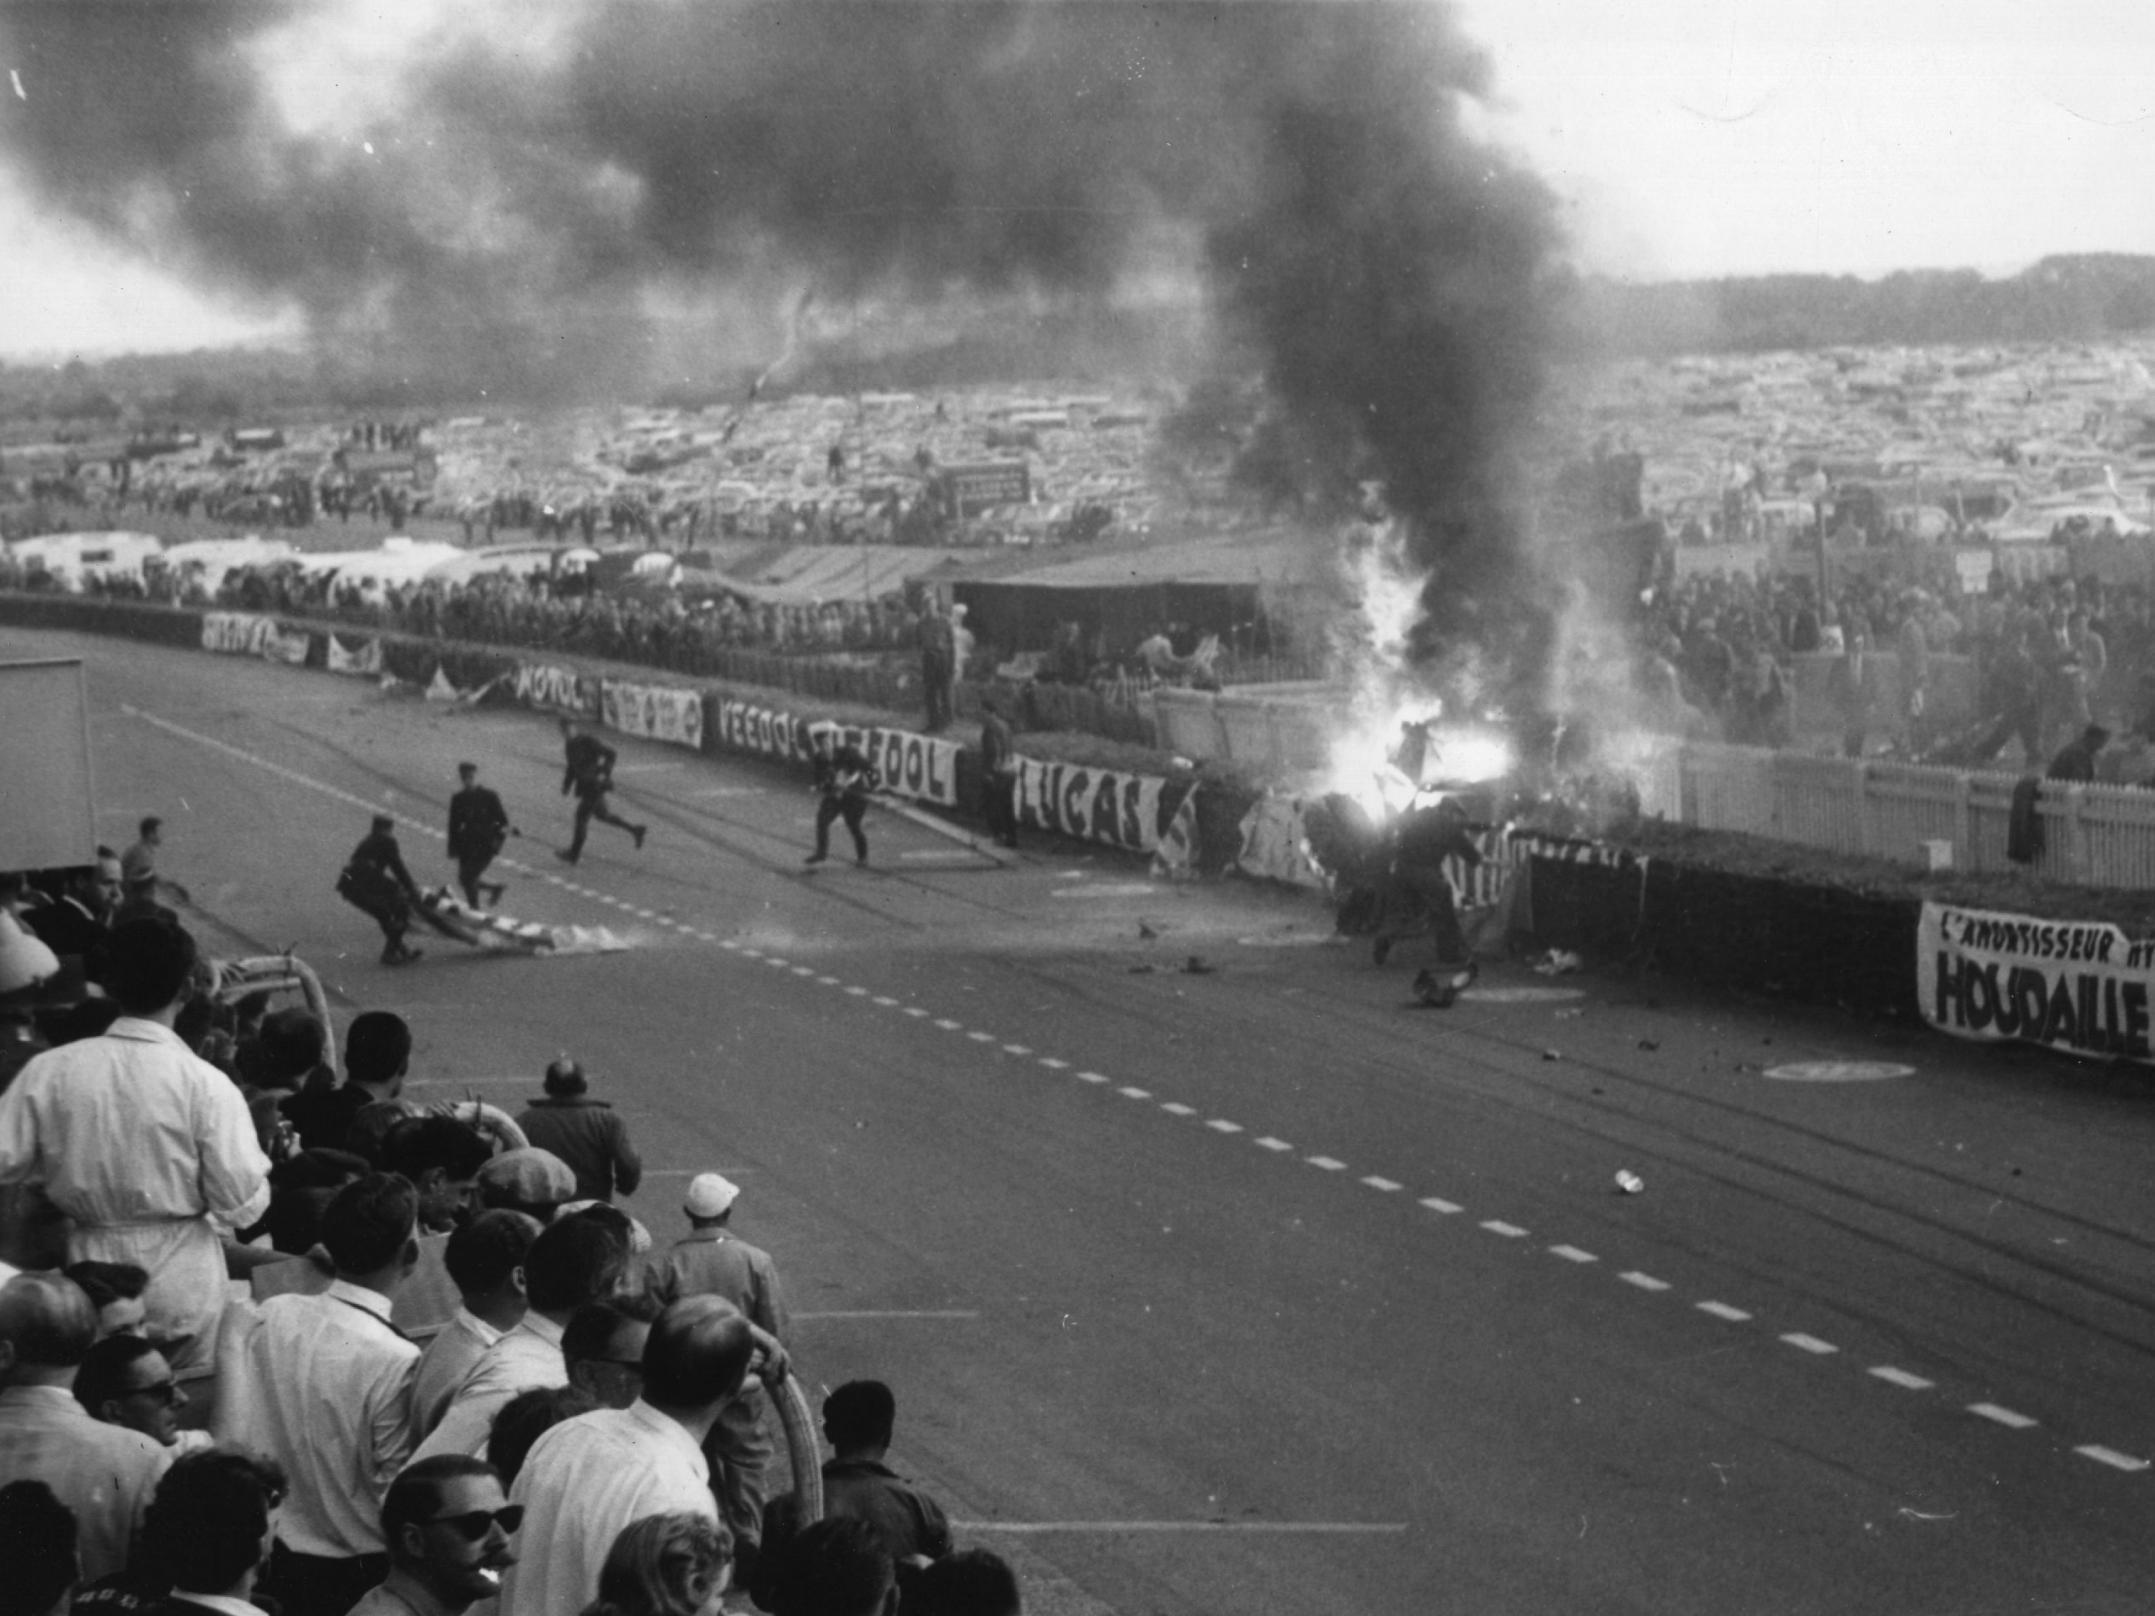 How a horrific crash at Le Mans changed motorsport forever